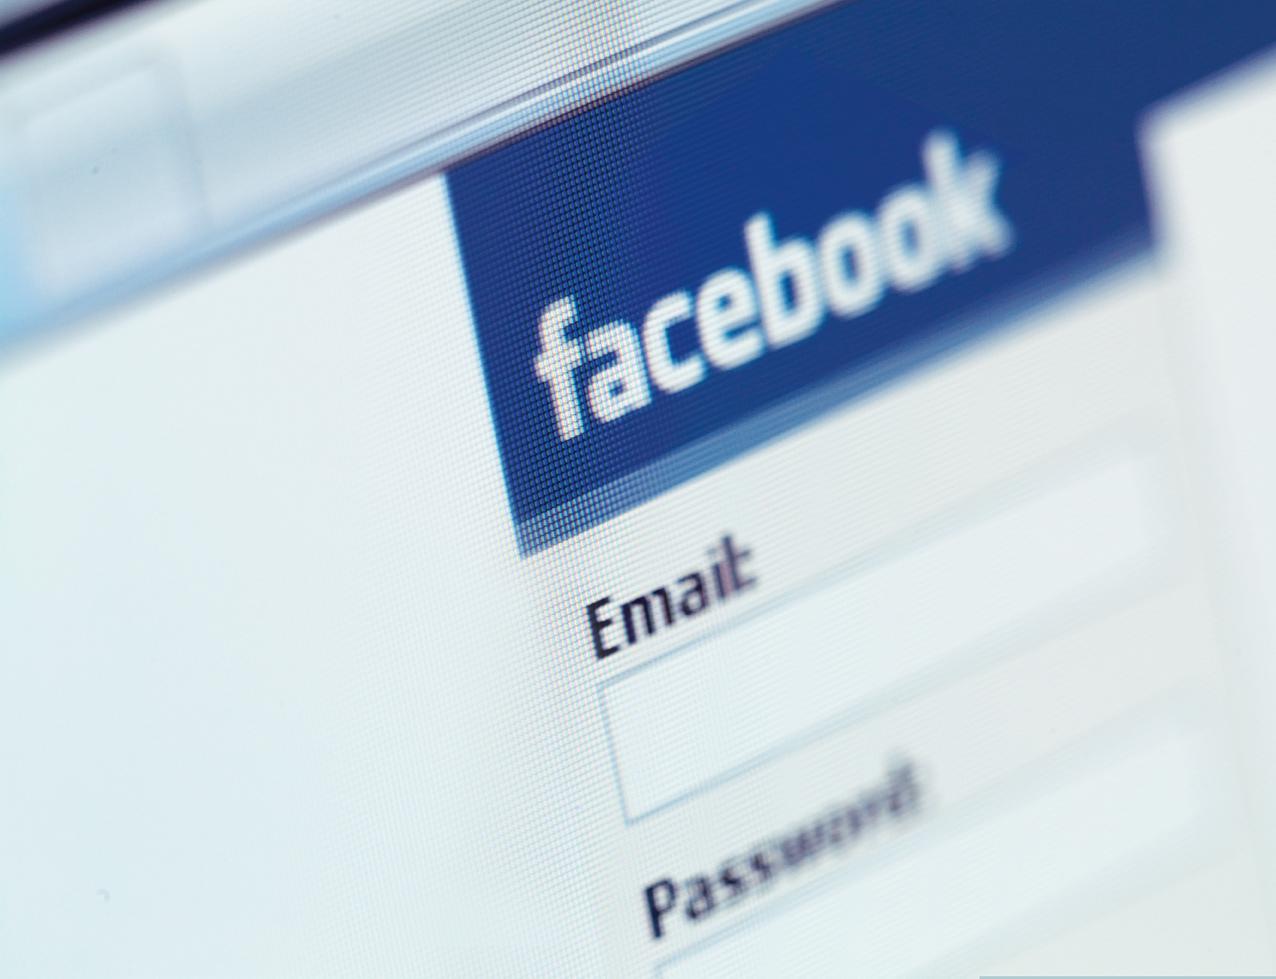 Ecuador rebasó los 4 millones de usuarios de Facebook